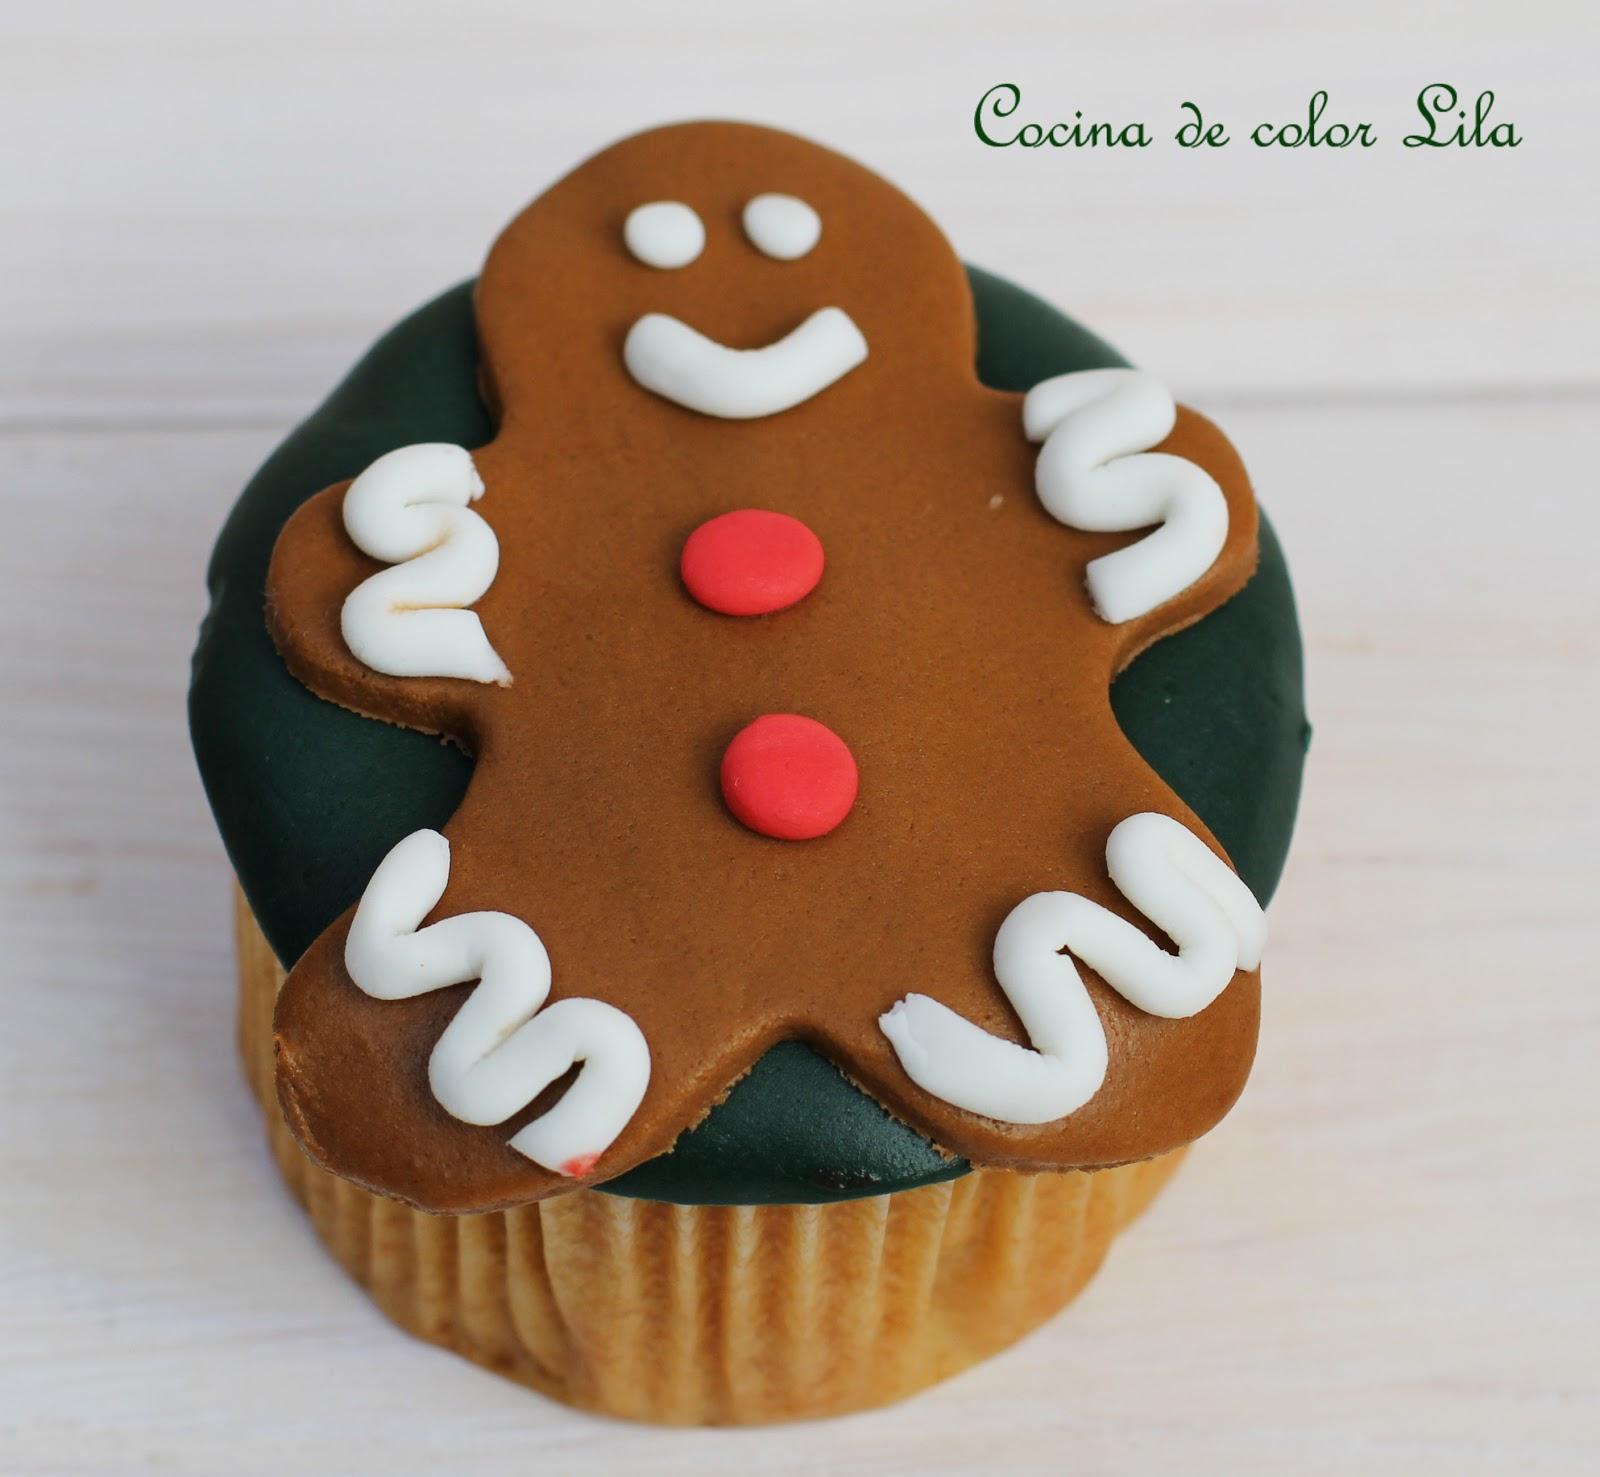 Cocina de color lila ideas cupcakes navide os - Cocina color lila ...